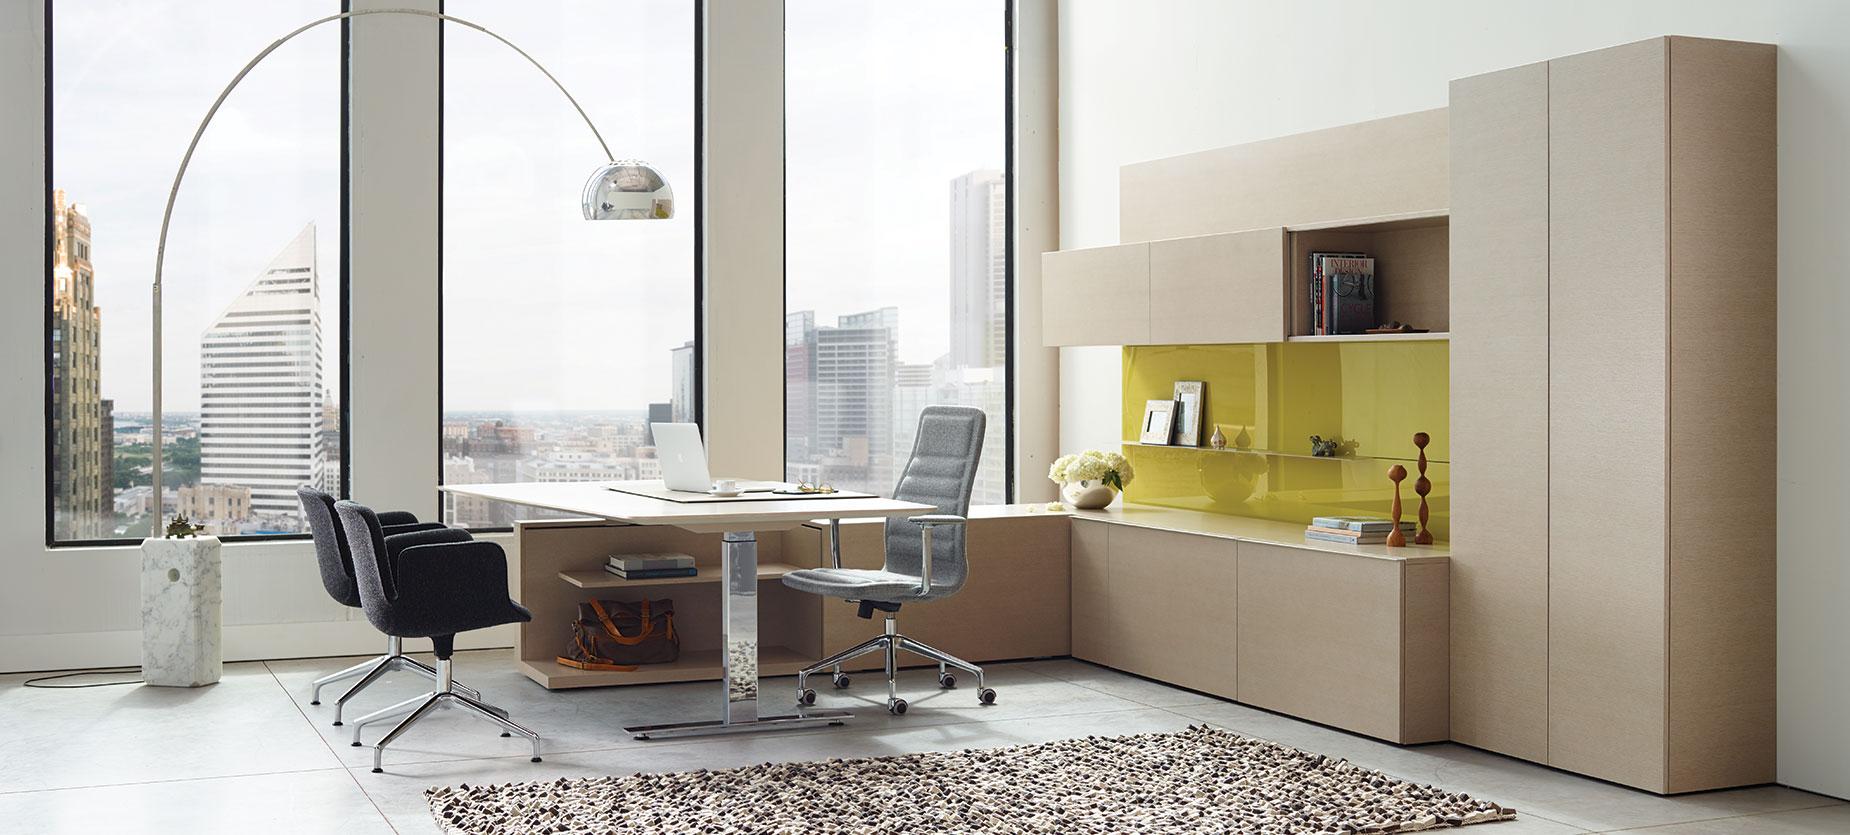 private-office-full-5.jpg